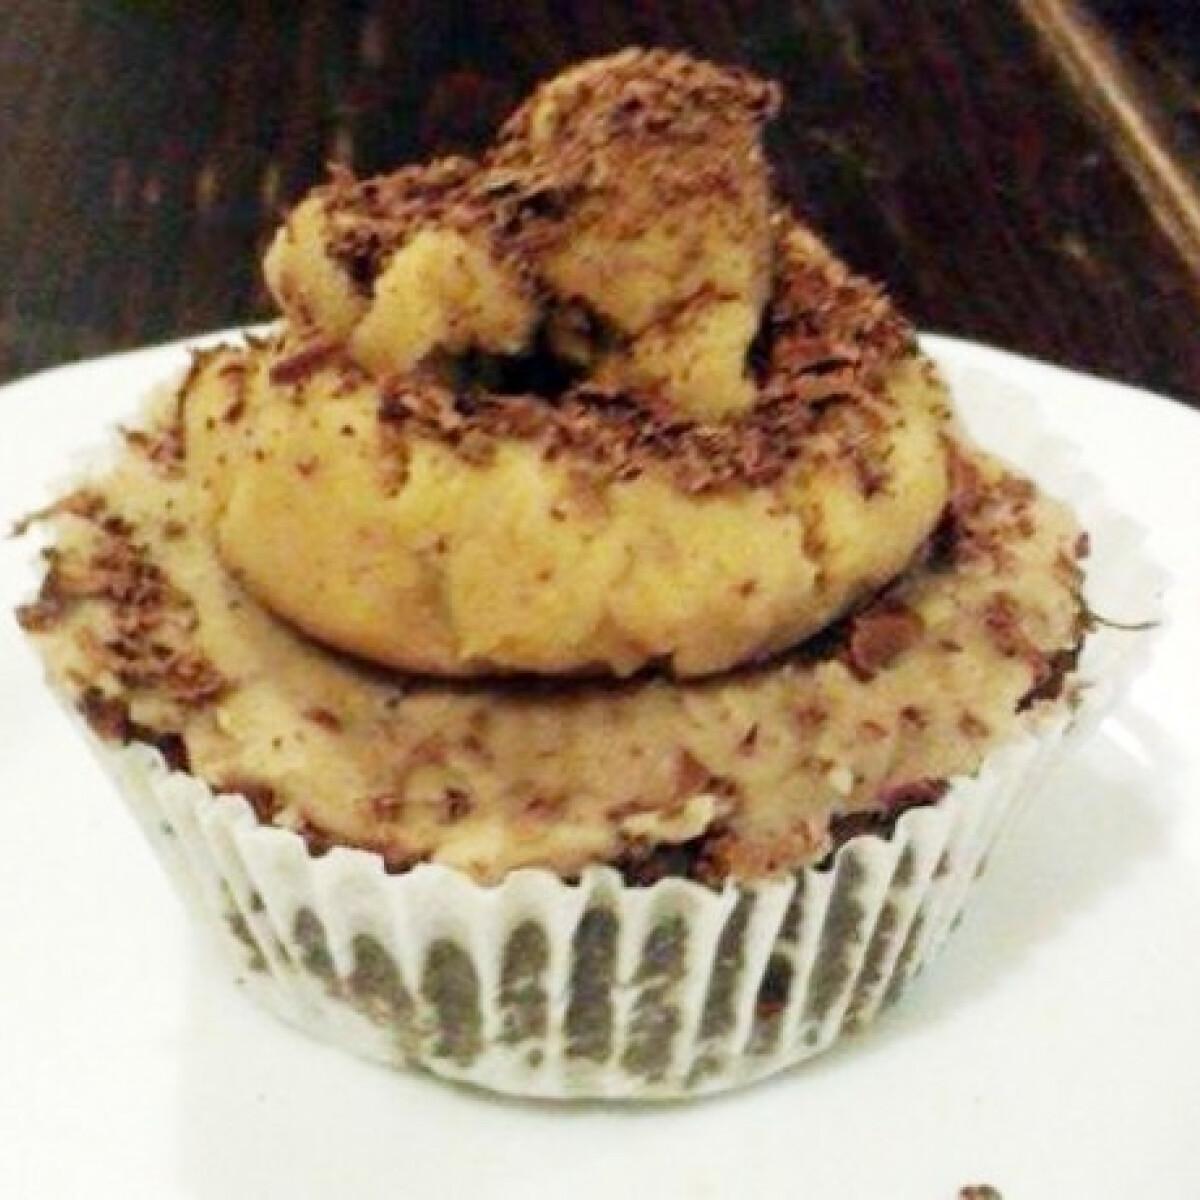 Ezen a képen: Laktózmentes sütés nélküli cupcake